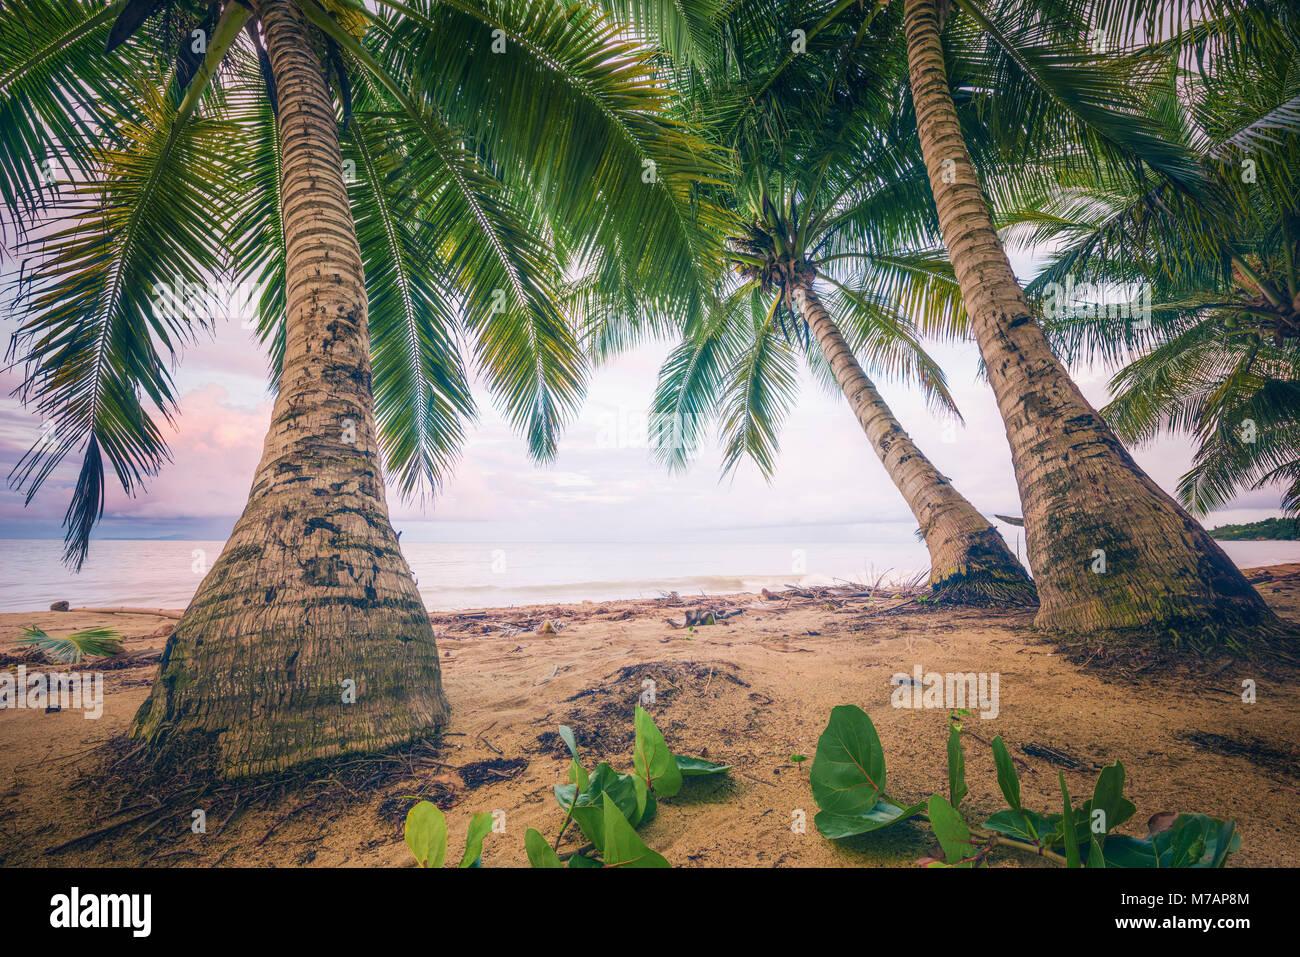 Beach Szene im Retro-stil auf der karibischen Insel Puerto Rico Stockbild